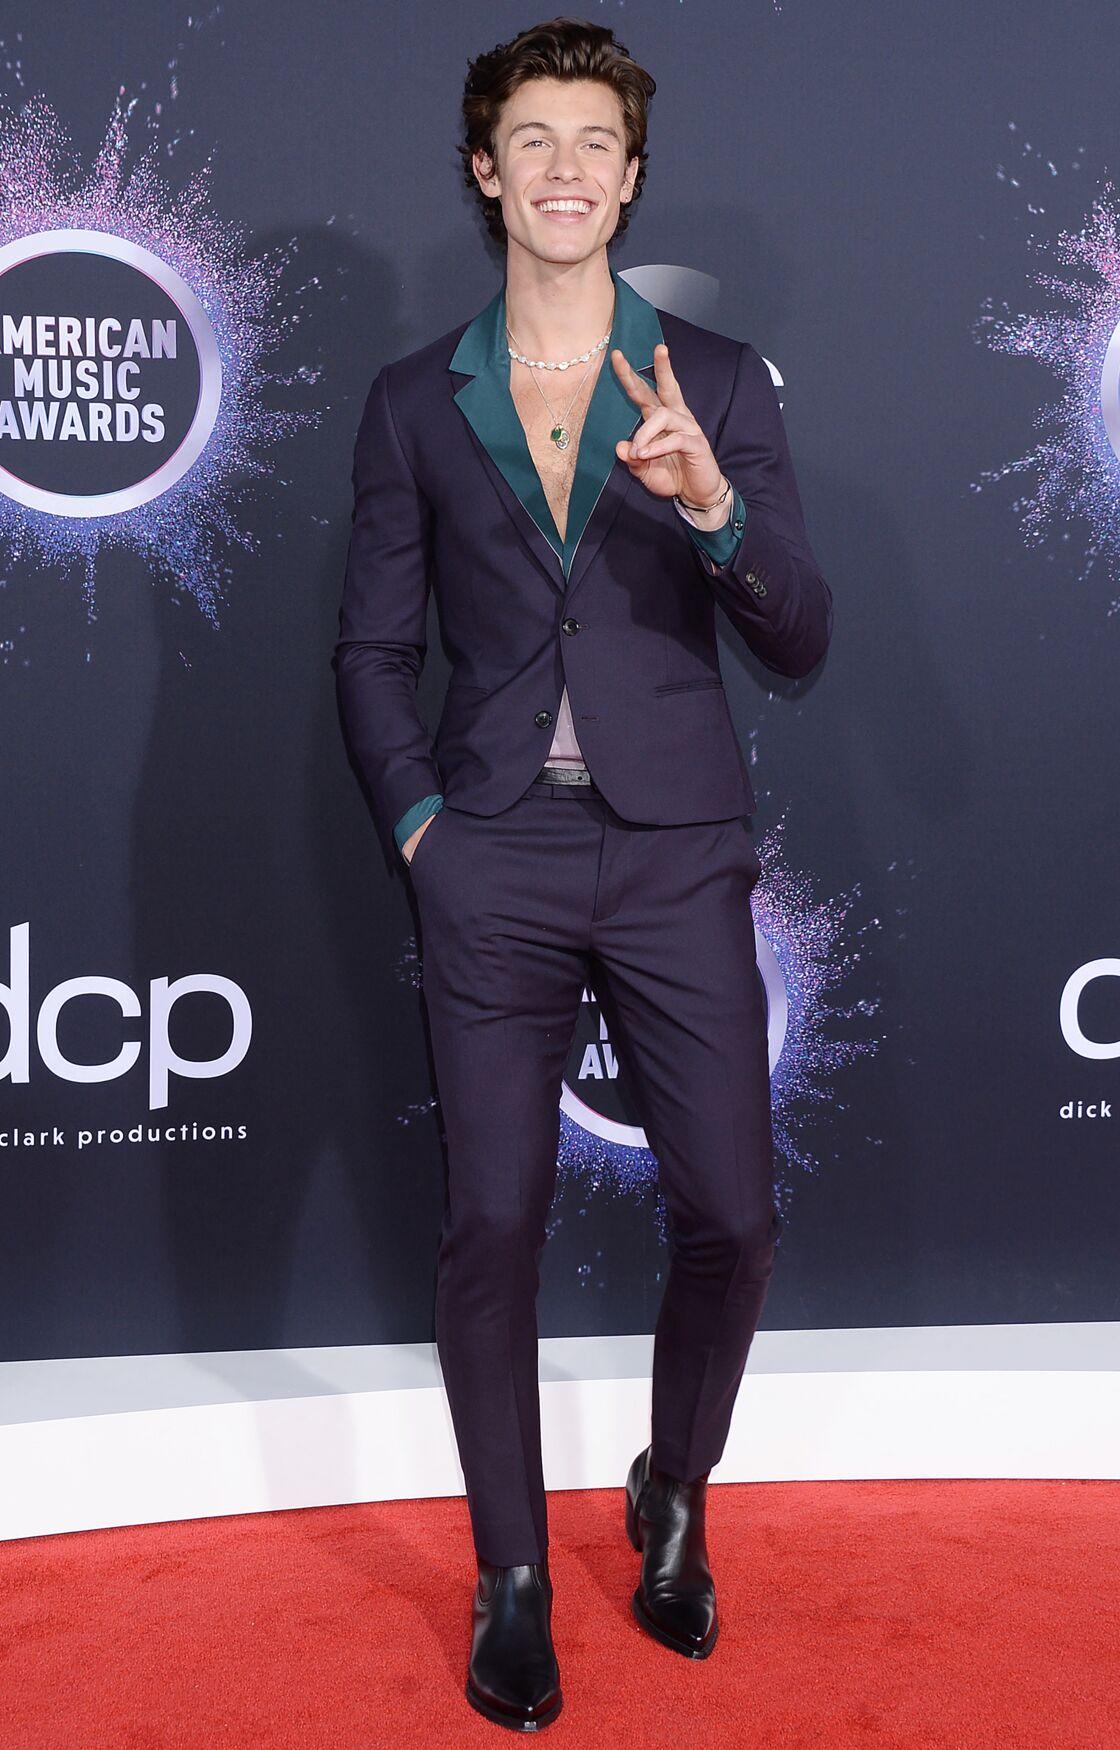 Sur les tapis rouges, le chanteur Shawn Mendes porte avec fière allure le collier de perles